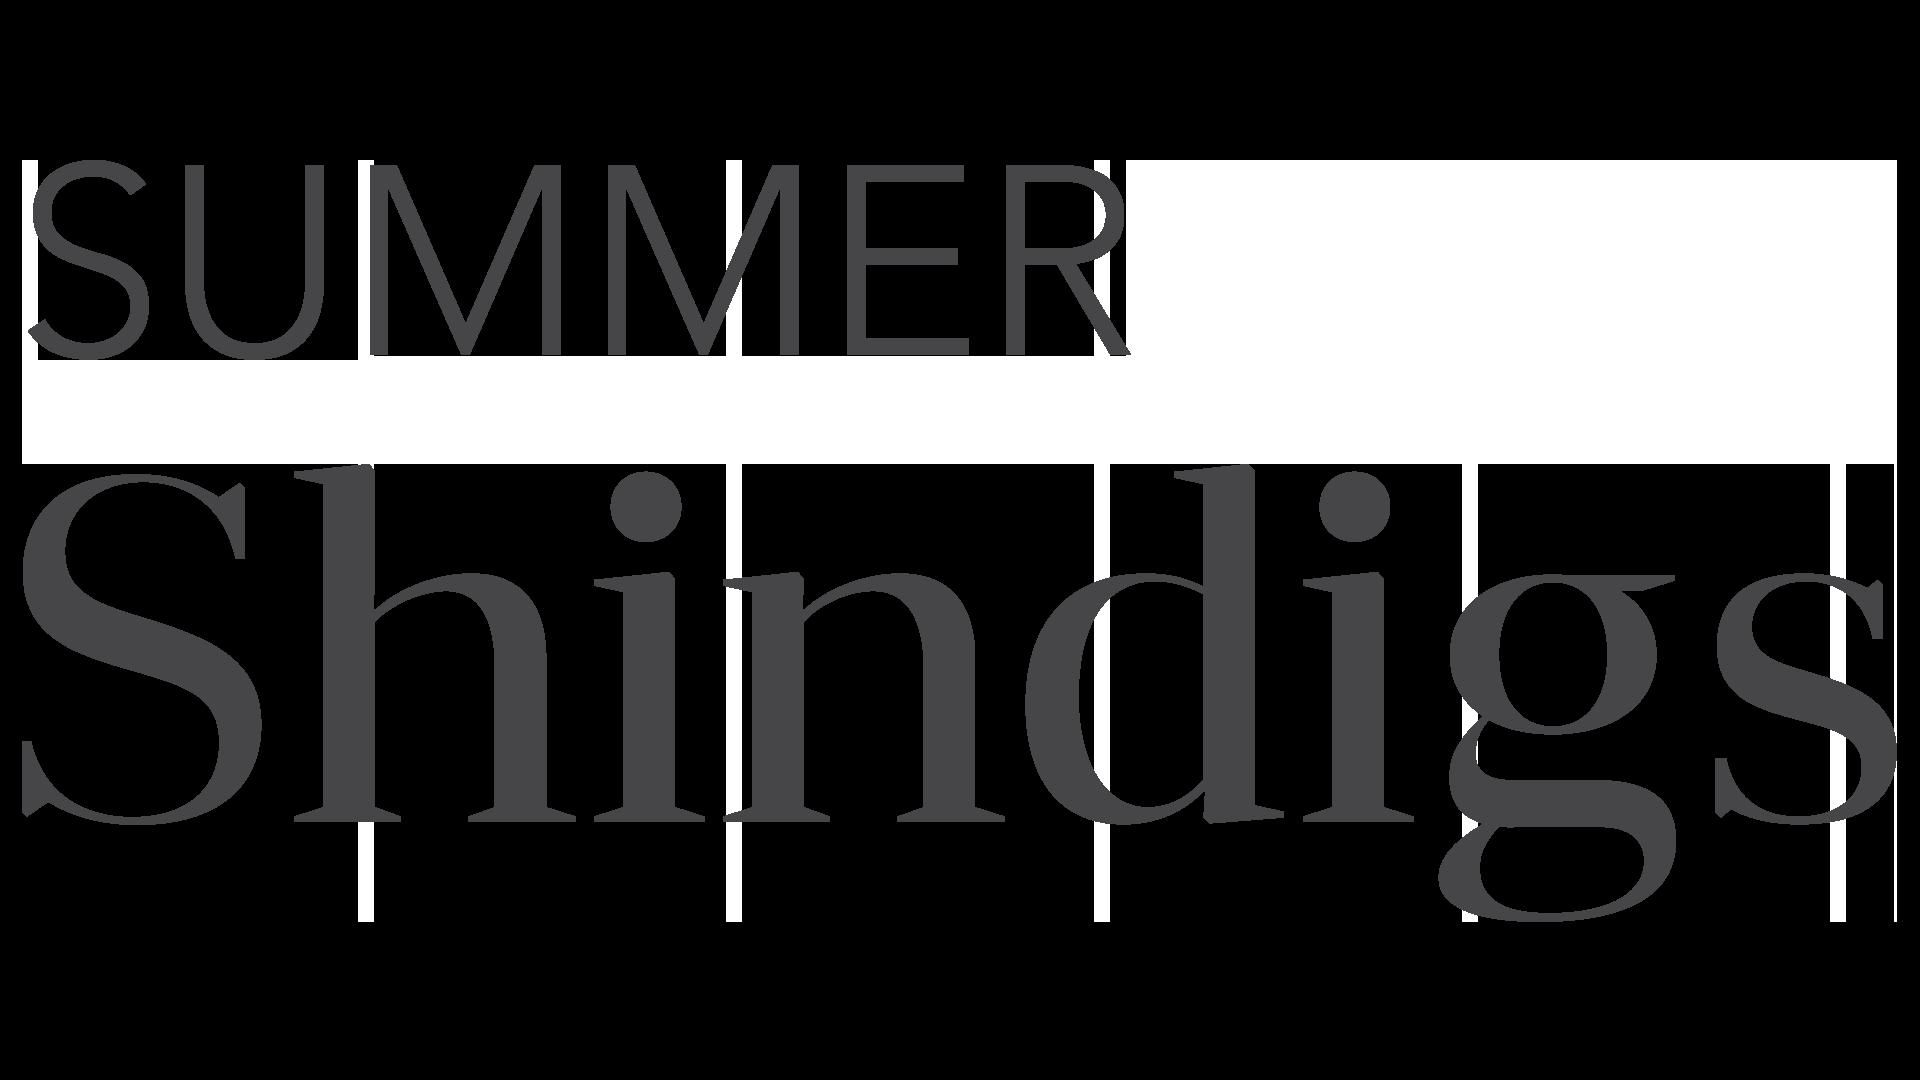 summer shindigs lockup.png